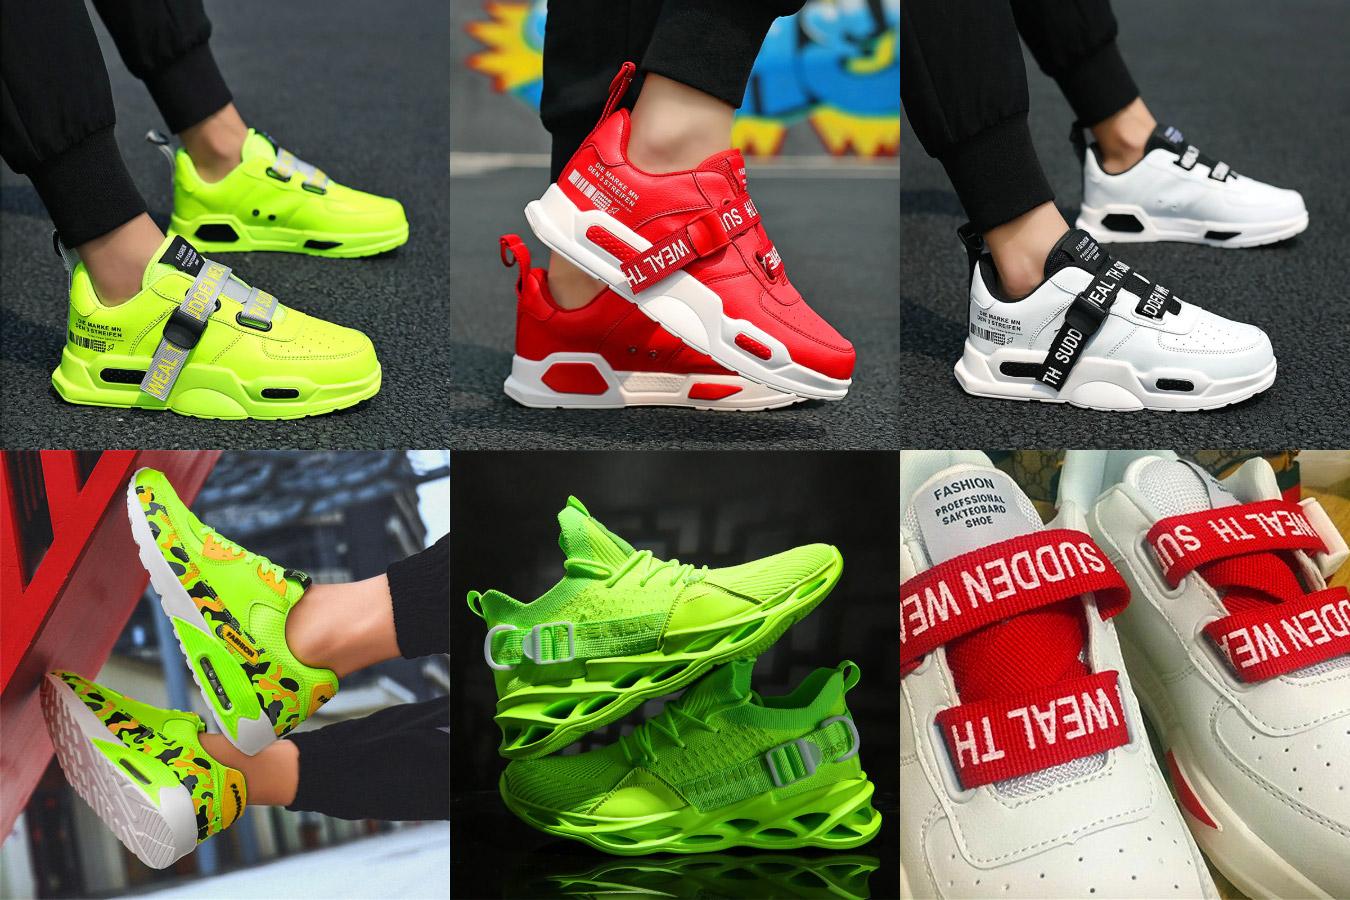 Яркие кроссовки для активного отдыха